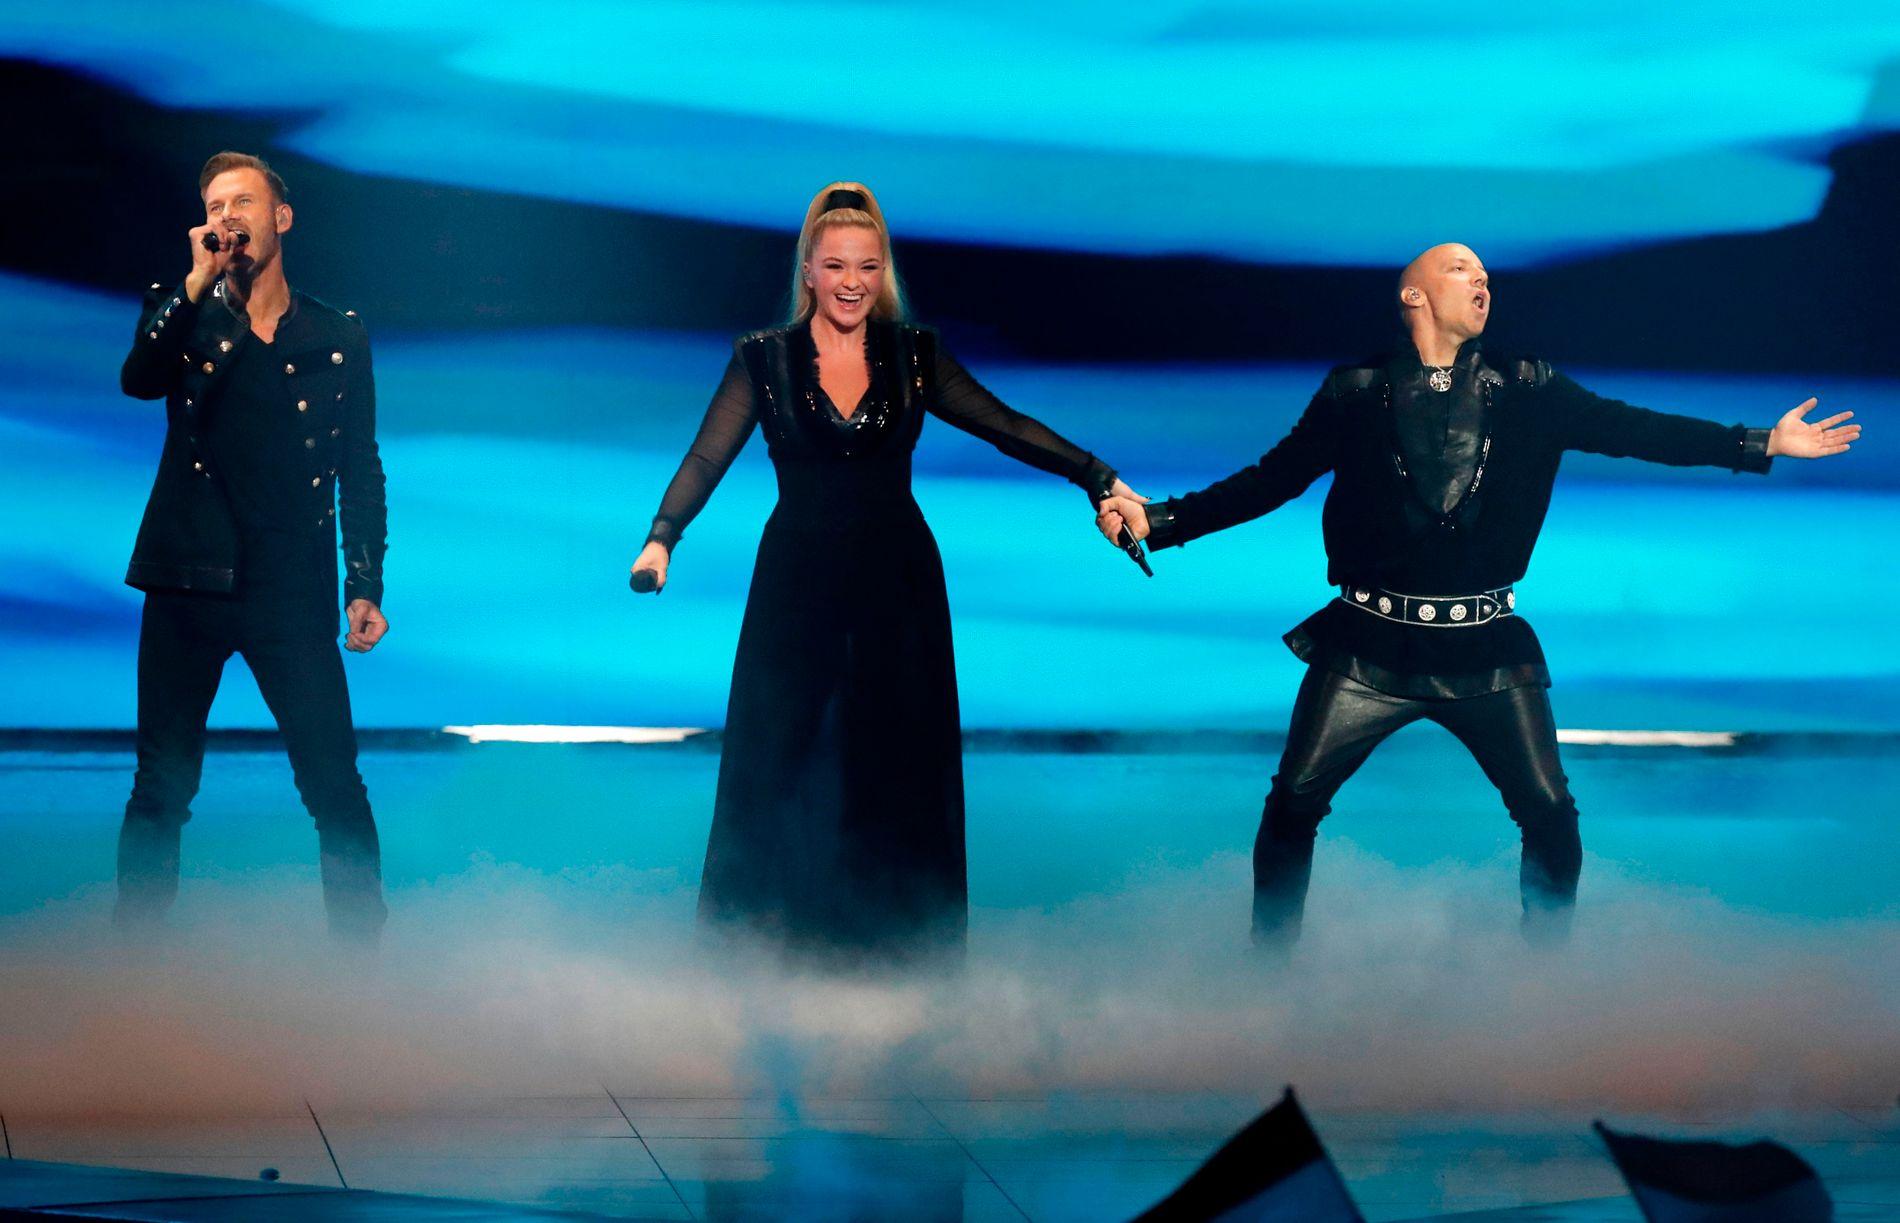 KAMERAFEIL: Noe gikk galt med kameraføringen under juryprøven da KEiiNO opptrådte i Eurovision Song Contest.